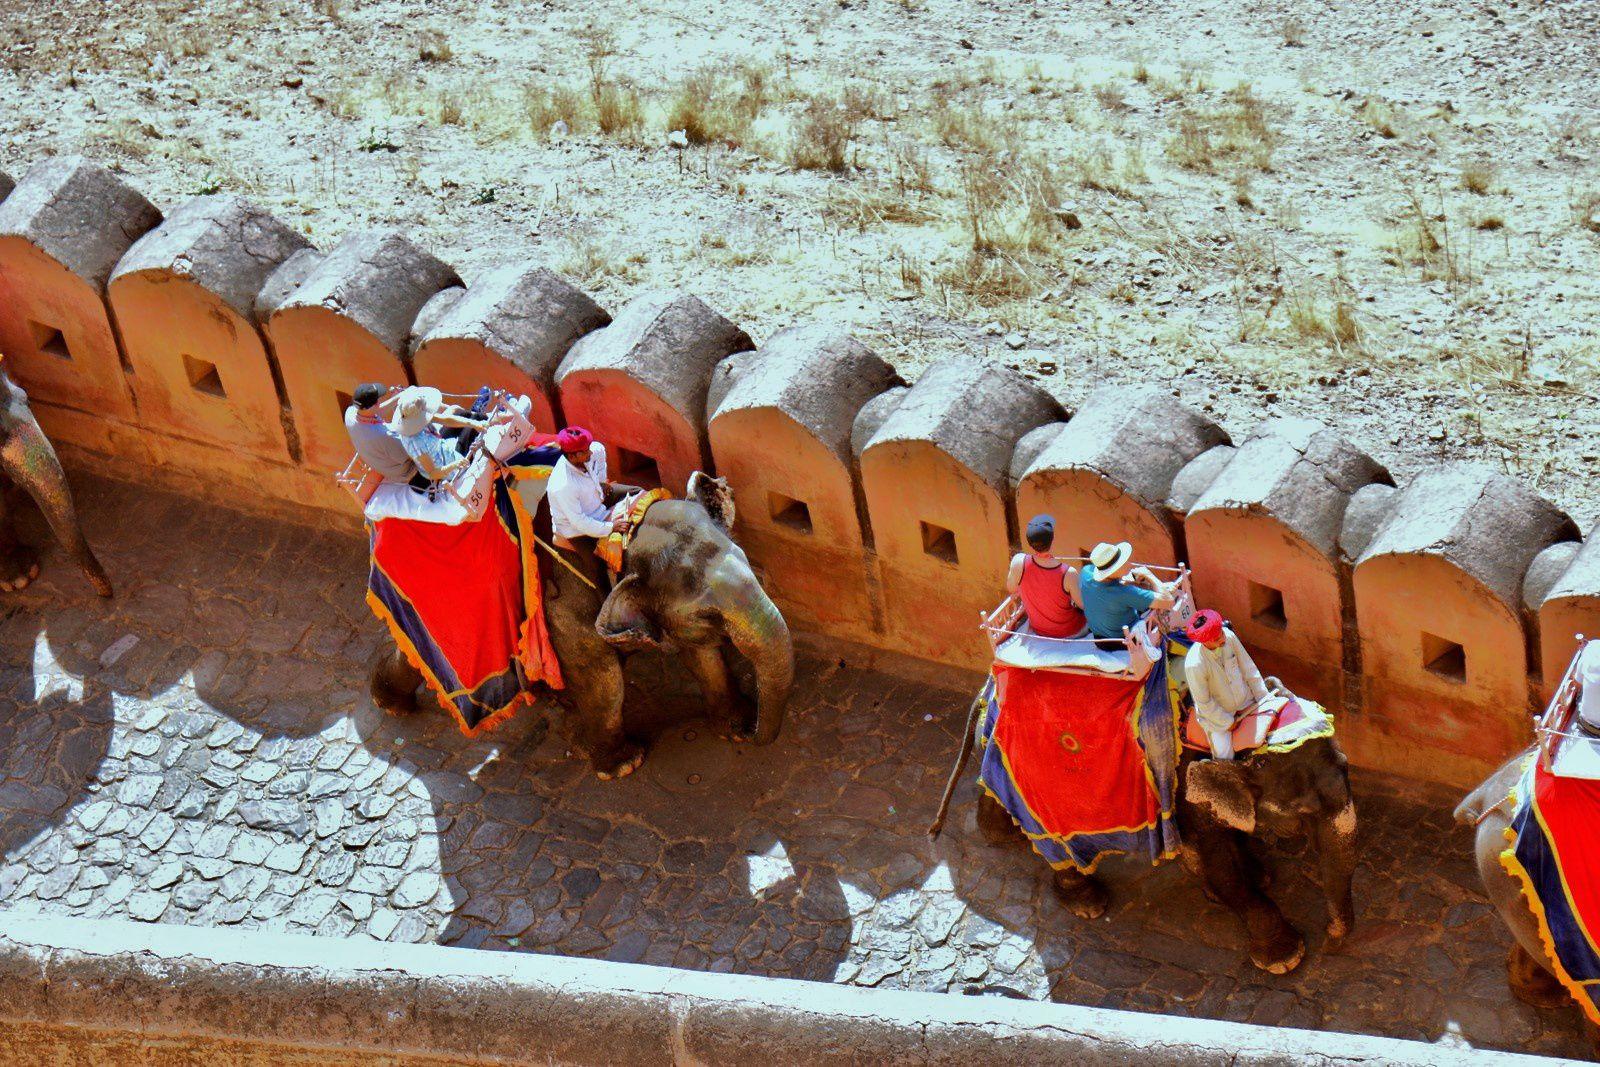 Convois d'éléphants au fort d'Amber, Rajasthan (Inde)